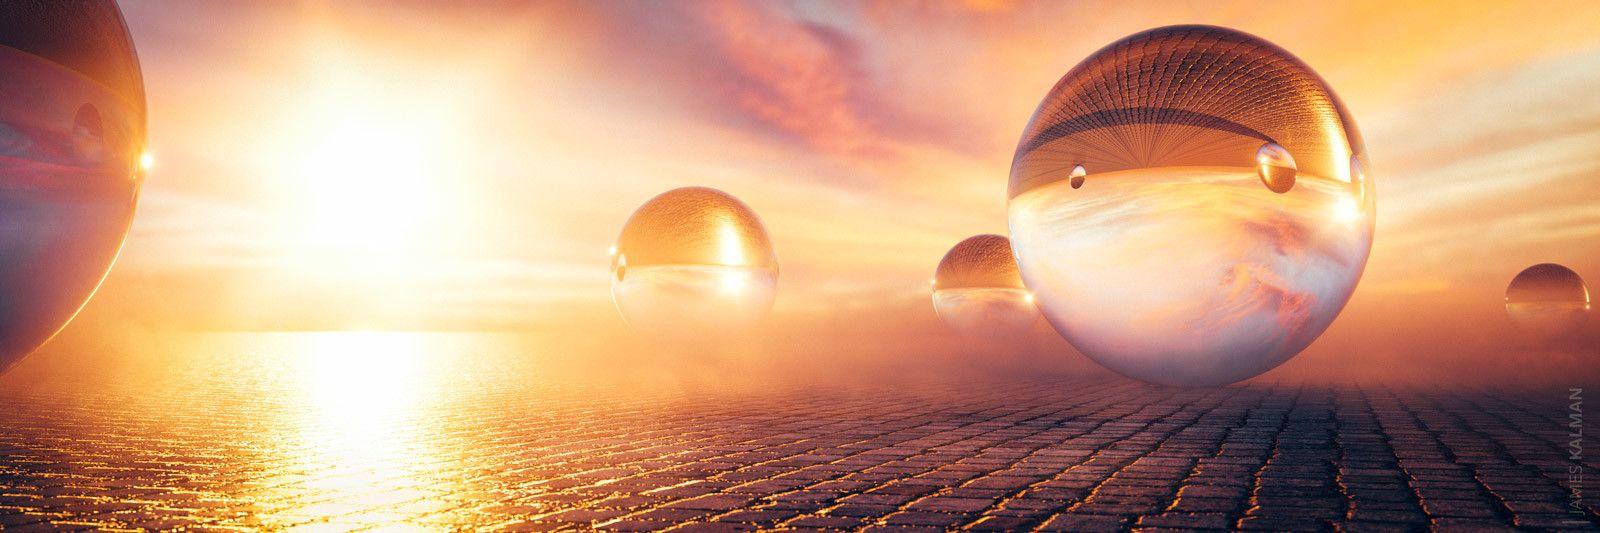 Glass Spheres, James Kalman on ArtStation at https://www.artstation.com/artwork/gB5bG